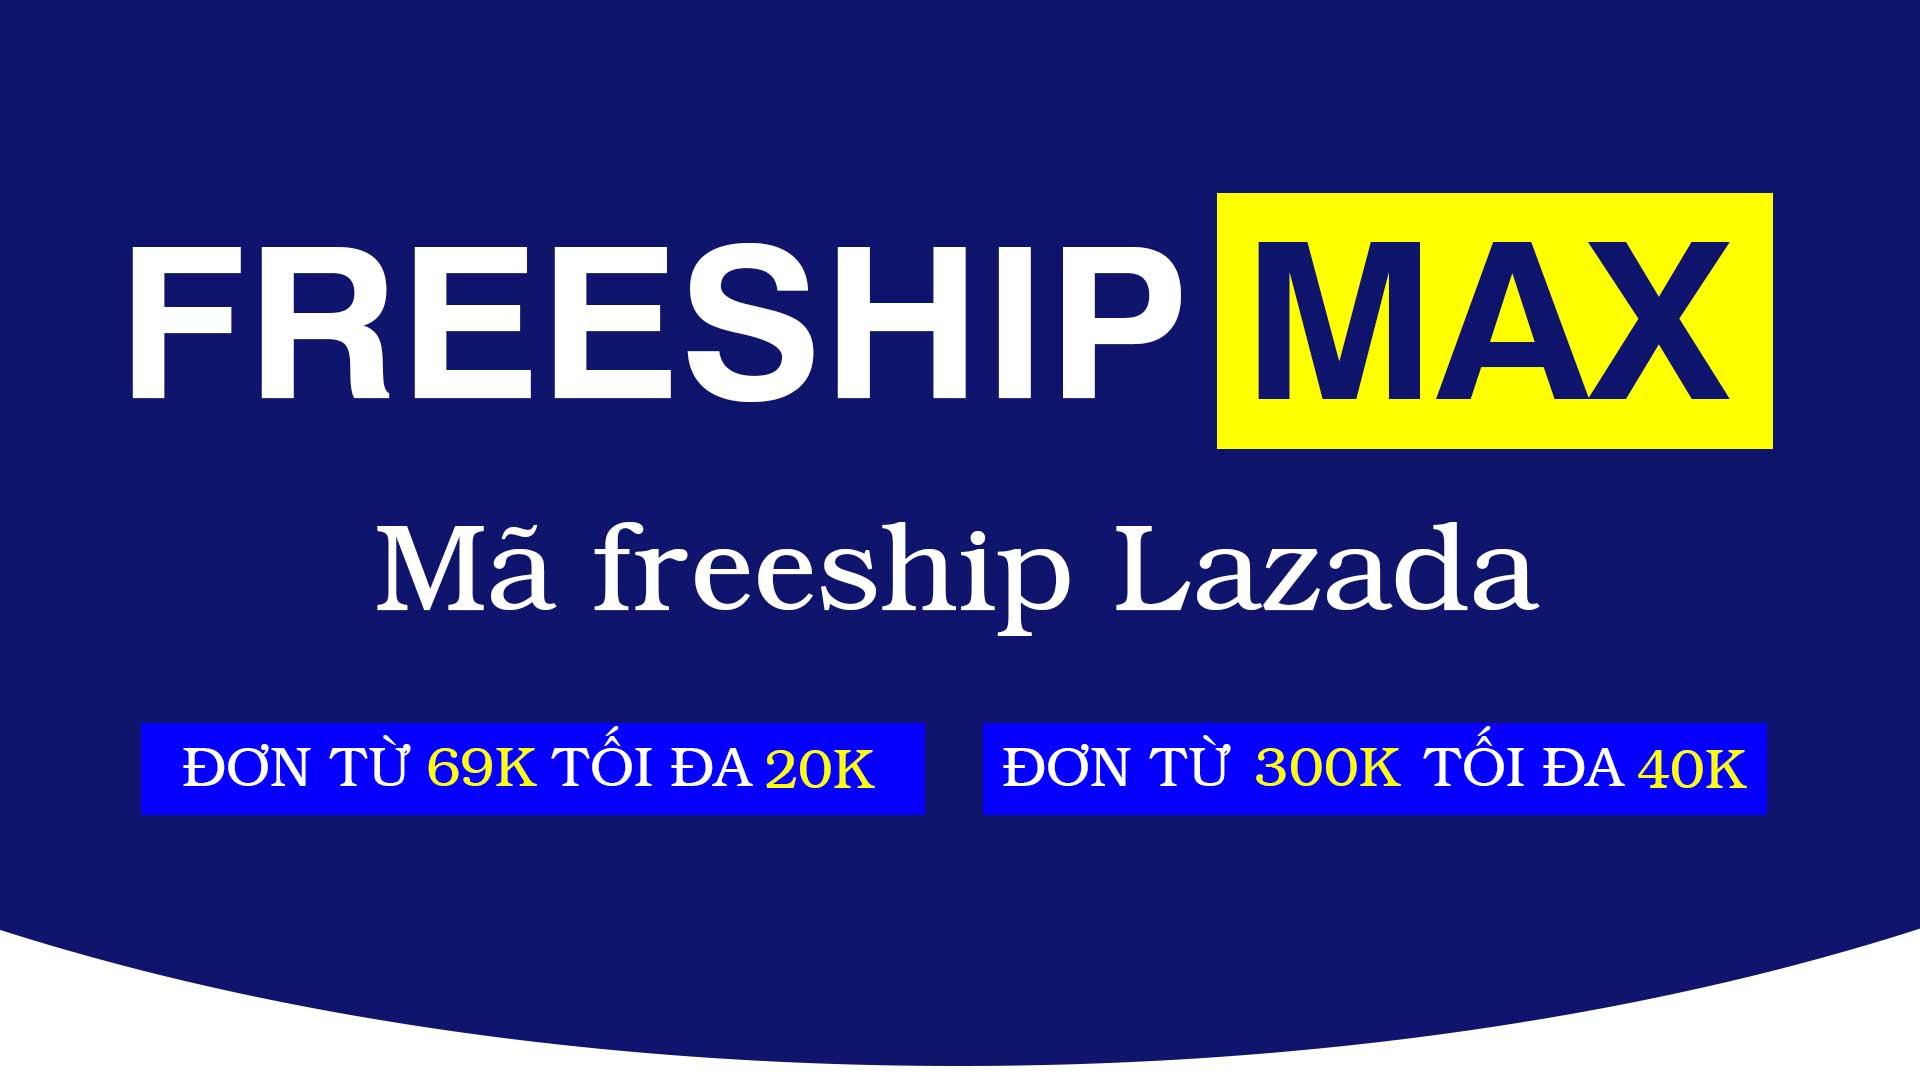 Mã Freeship Max là gì? mã giảm giá vận chuyển Lazada FreeshipMax